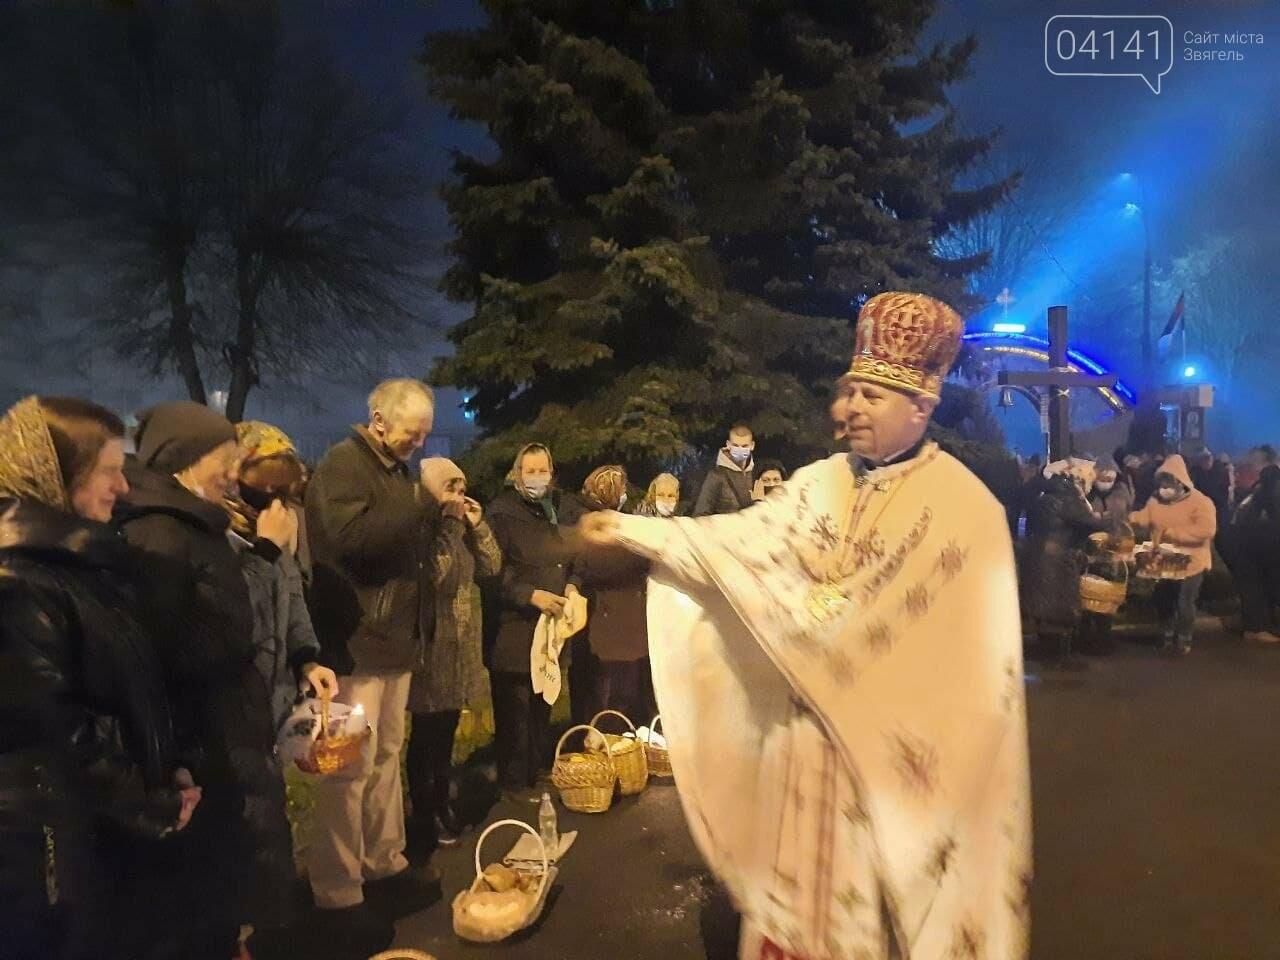 Христос Воскрес! Воістину Воскрес!: Новоград-волинці святкують Великдень-2021, фото-3